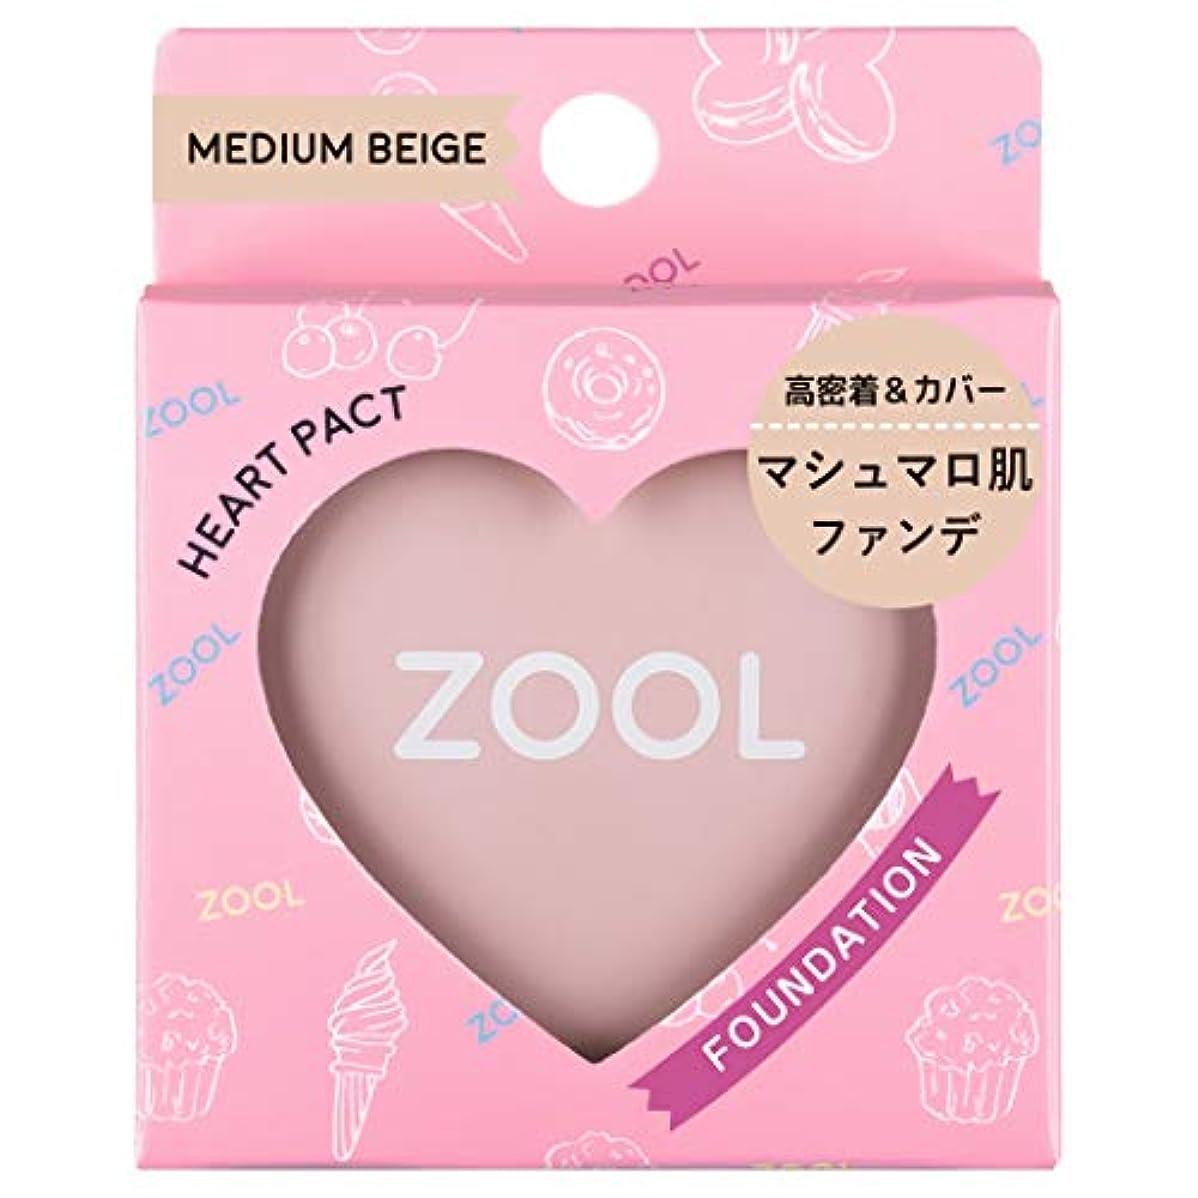 原告電気の工場ZOOL (ズール) ハートパクト ミディアムベージュ (ファンデ) (1個)